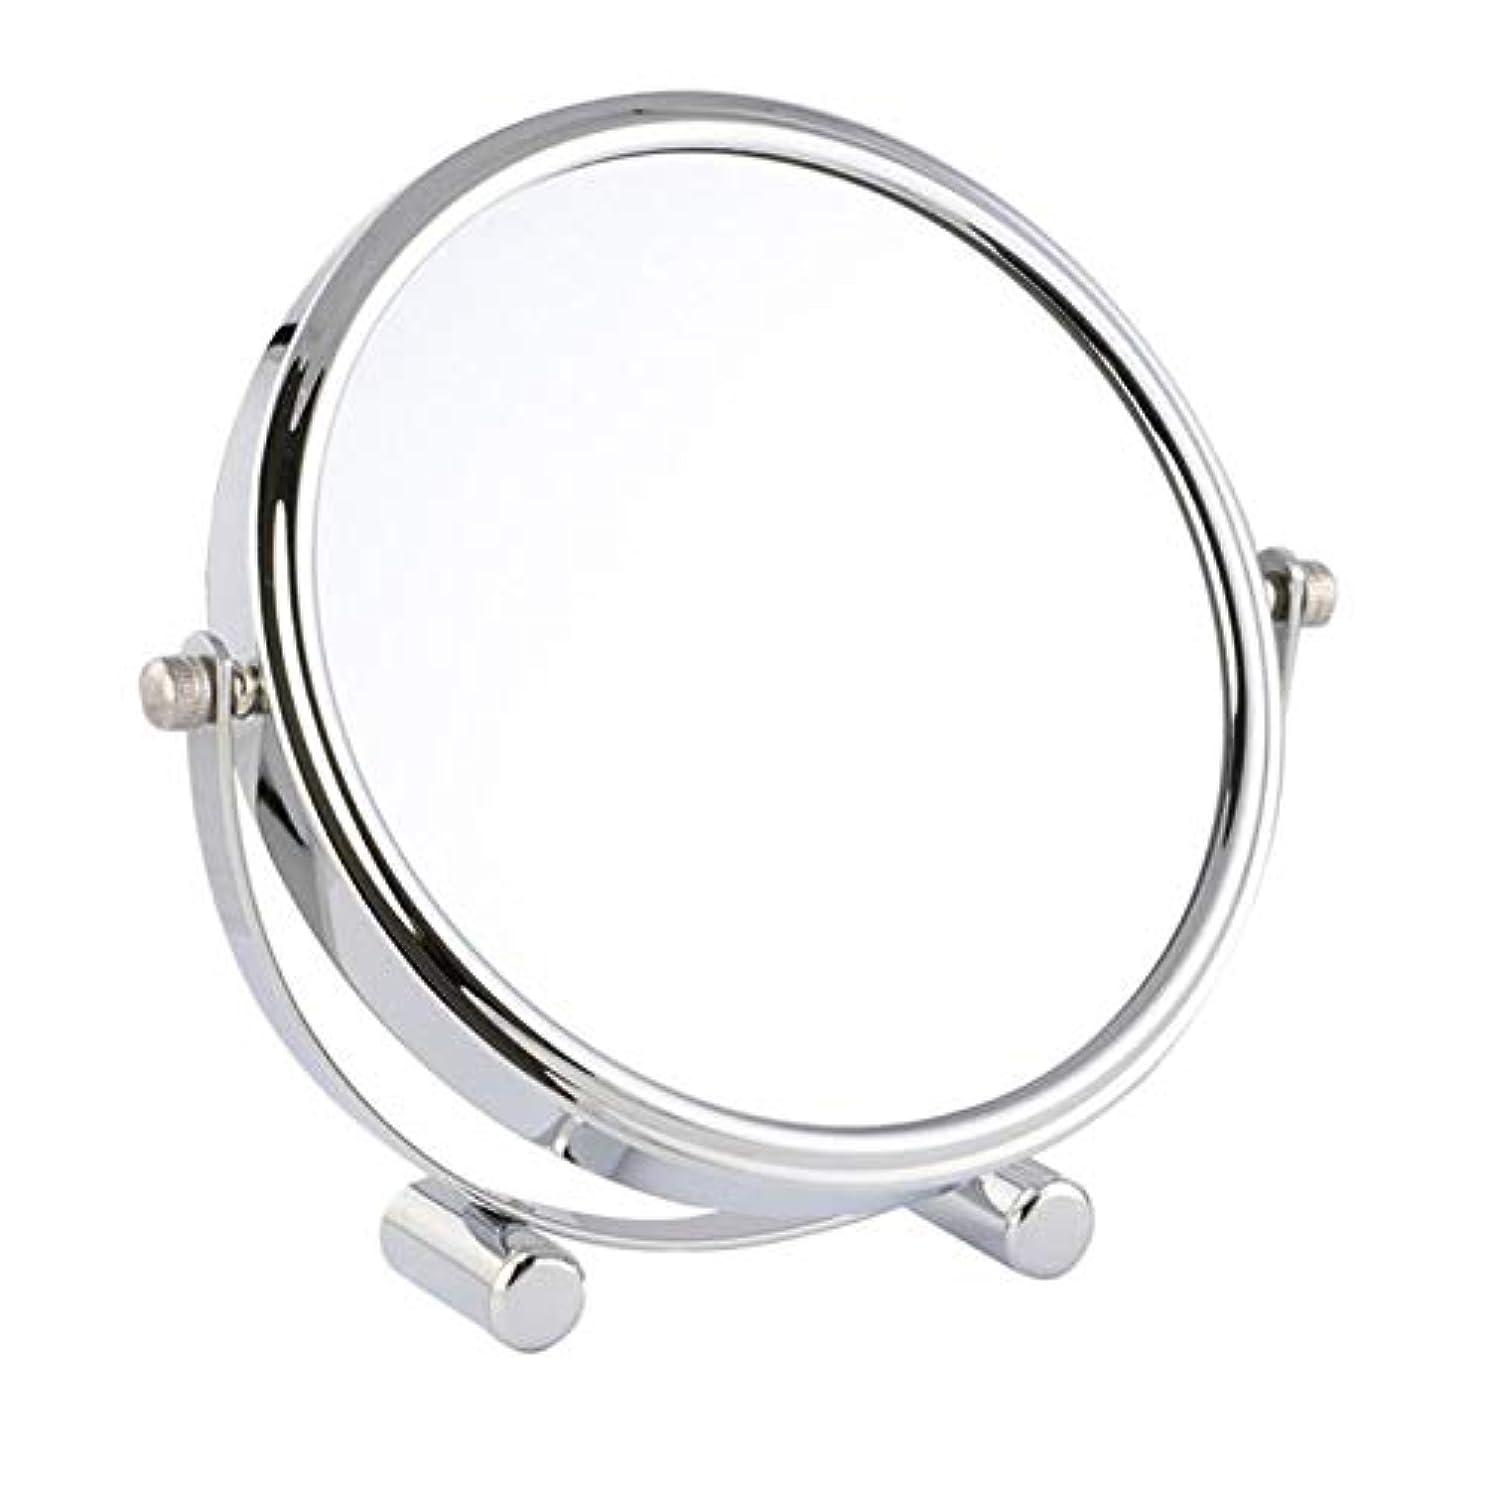 立派な評価カナダ化粧鏡 女優ミラー けメイクミラー スタンドミラー 卓上鏡 化粧道具 両面鏡 片面2倍 拡大鏡 360度回転 鏡面直径17cm